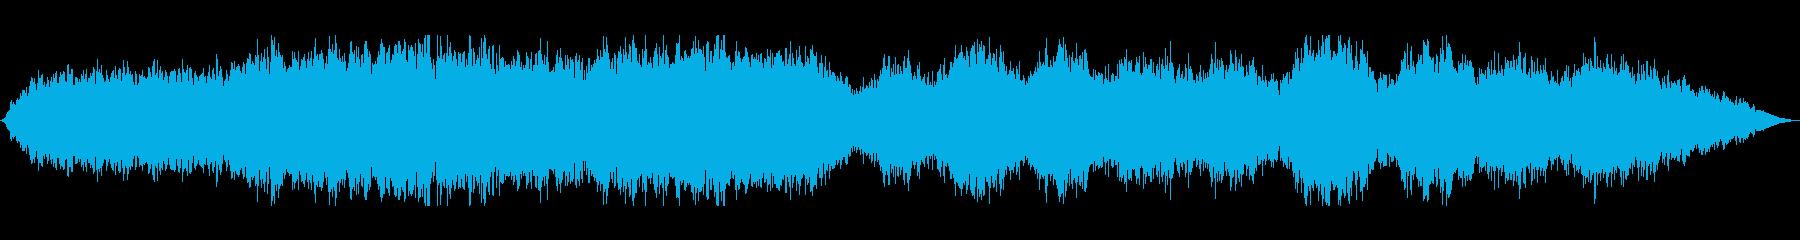 天国の合唱団ドローンの再生済みの波形